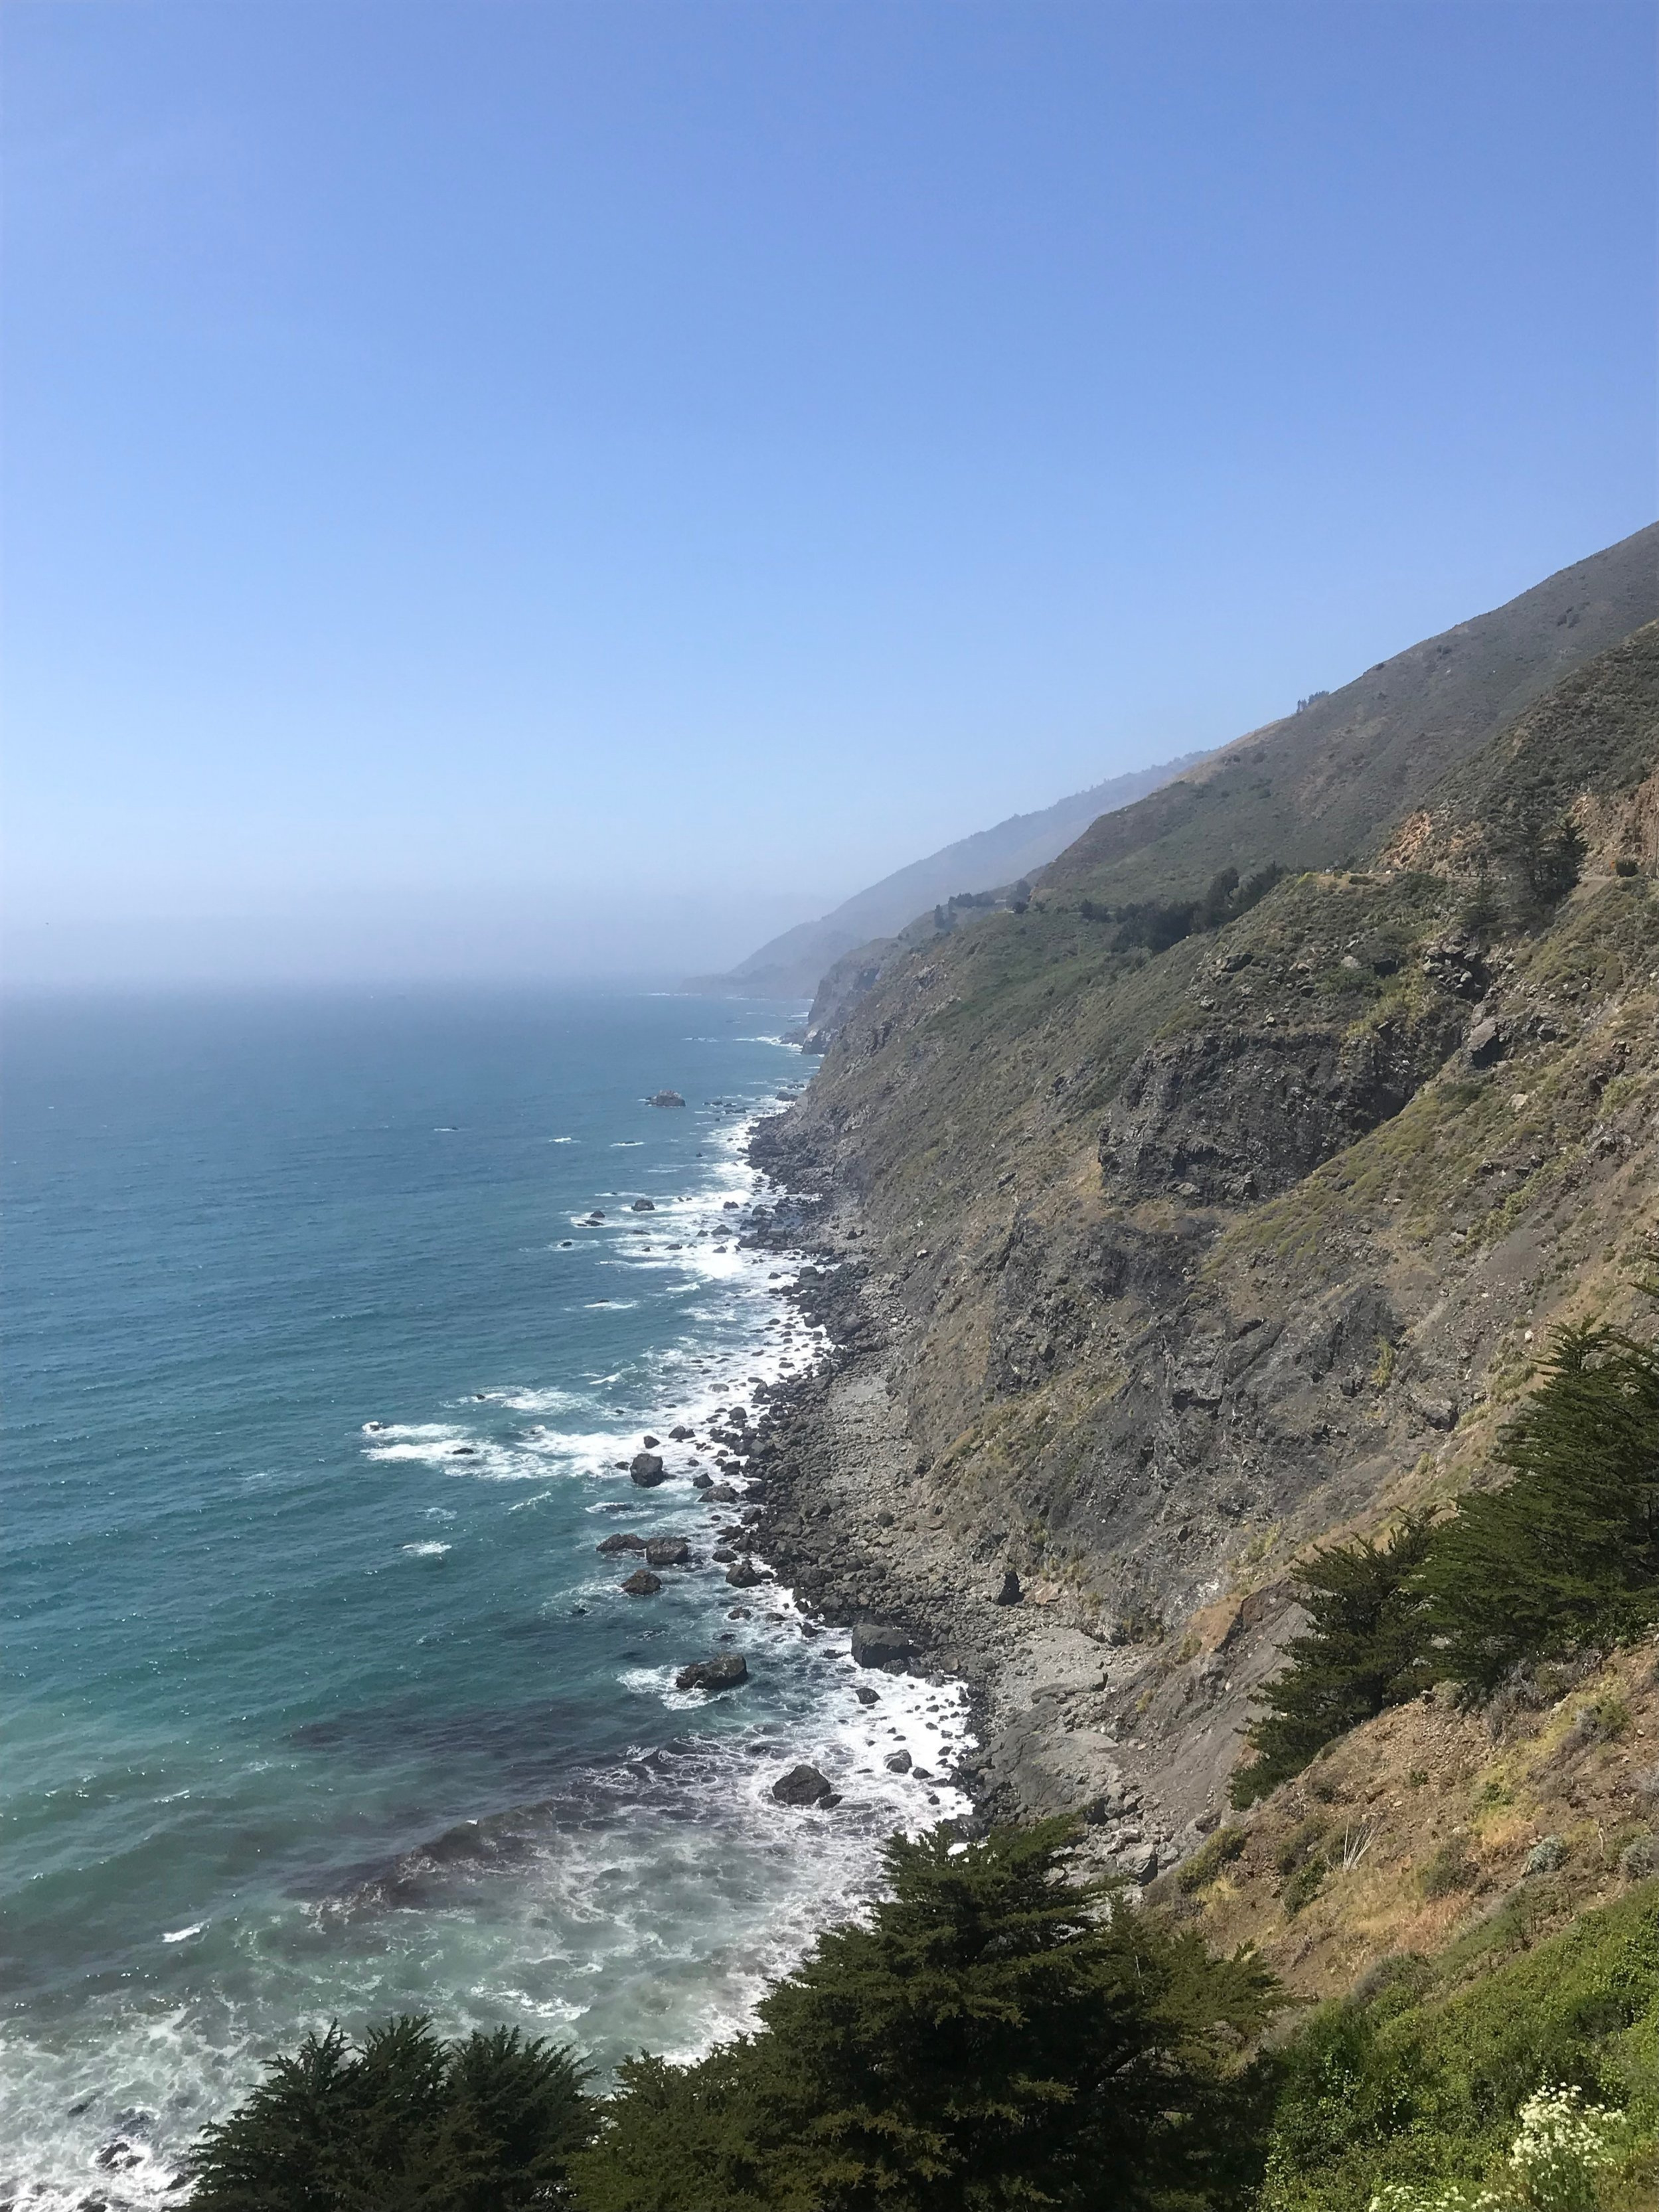 california road trip ideas